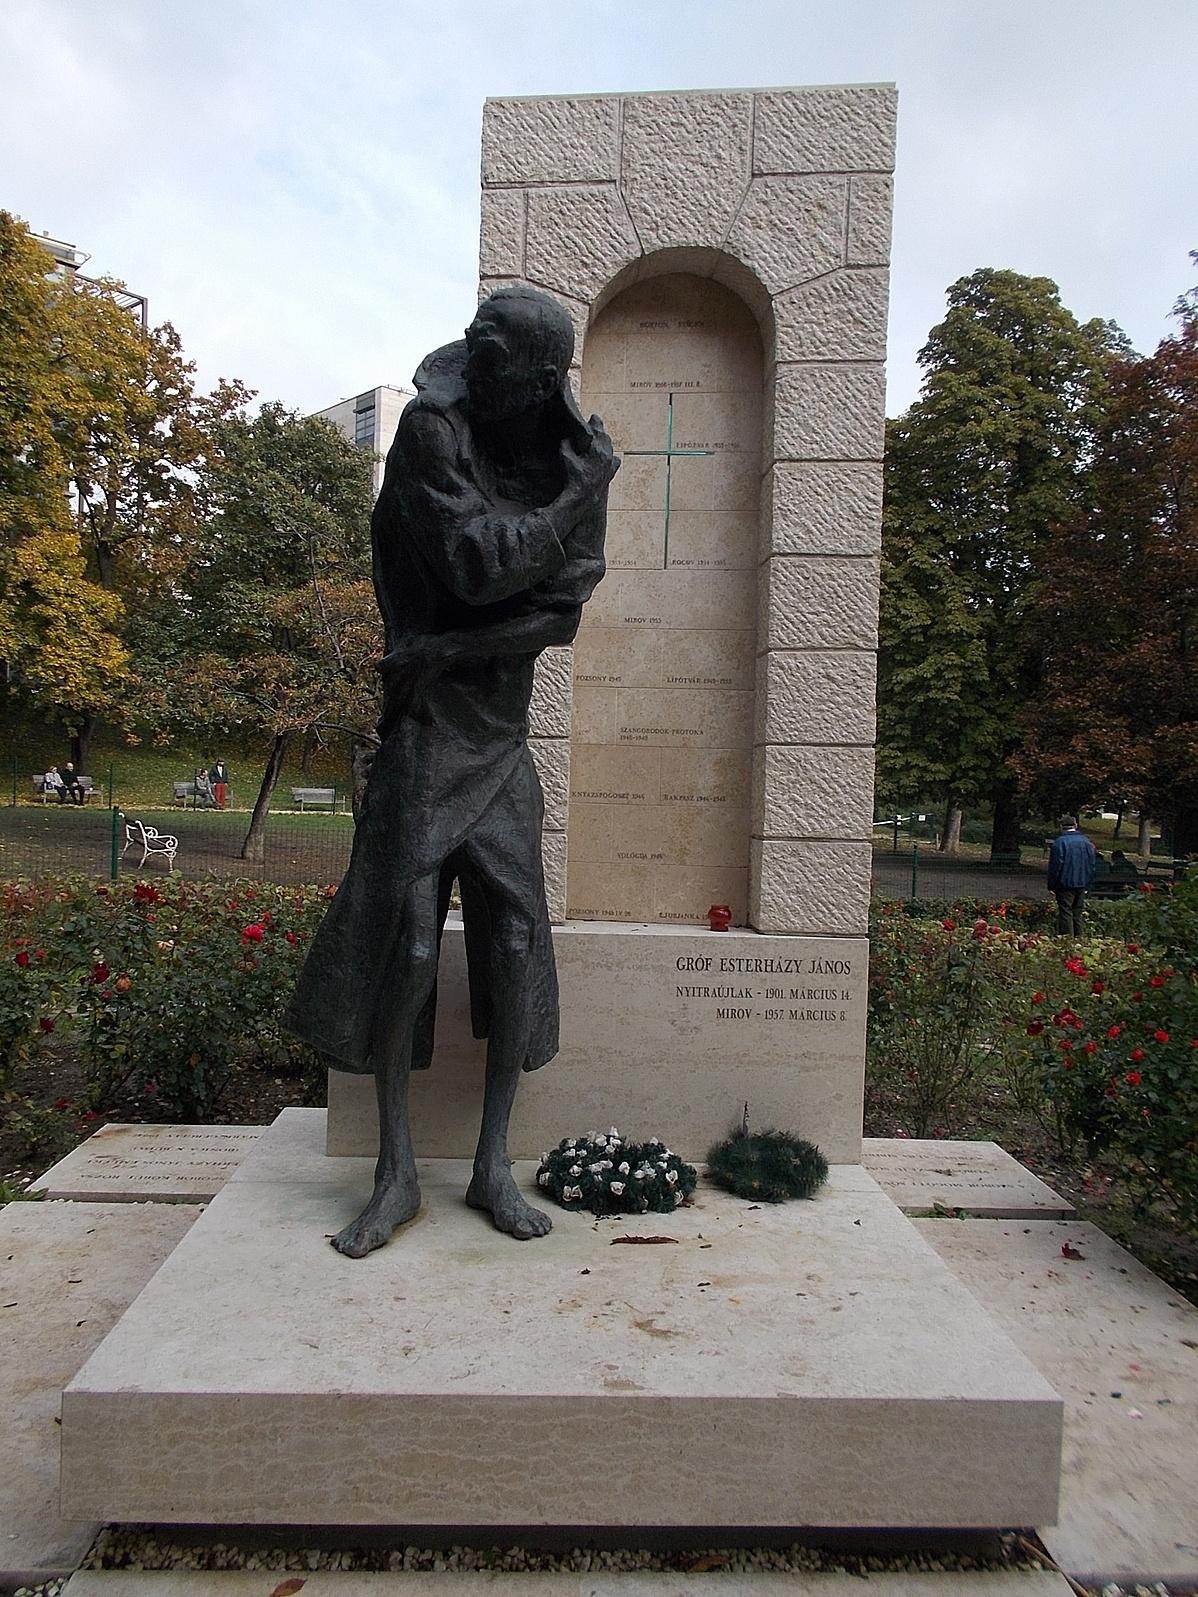 Count_Esterhazy_statue_in_Gesztenyeskert_2005_bronze-100947.jpg